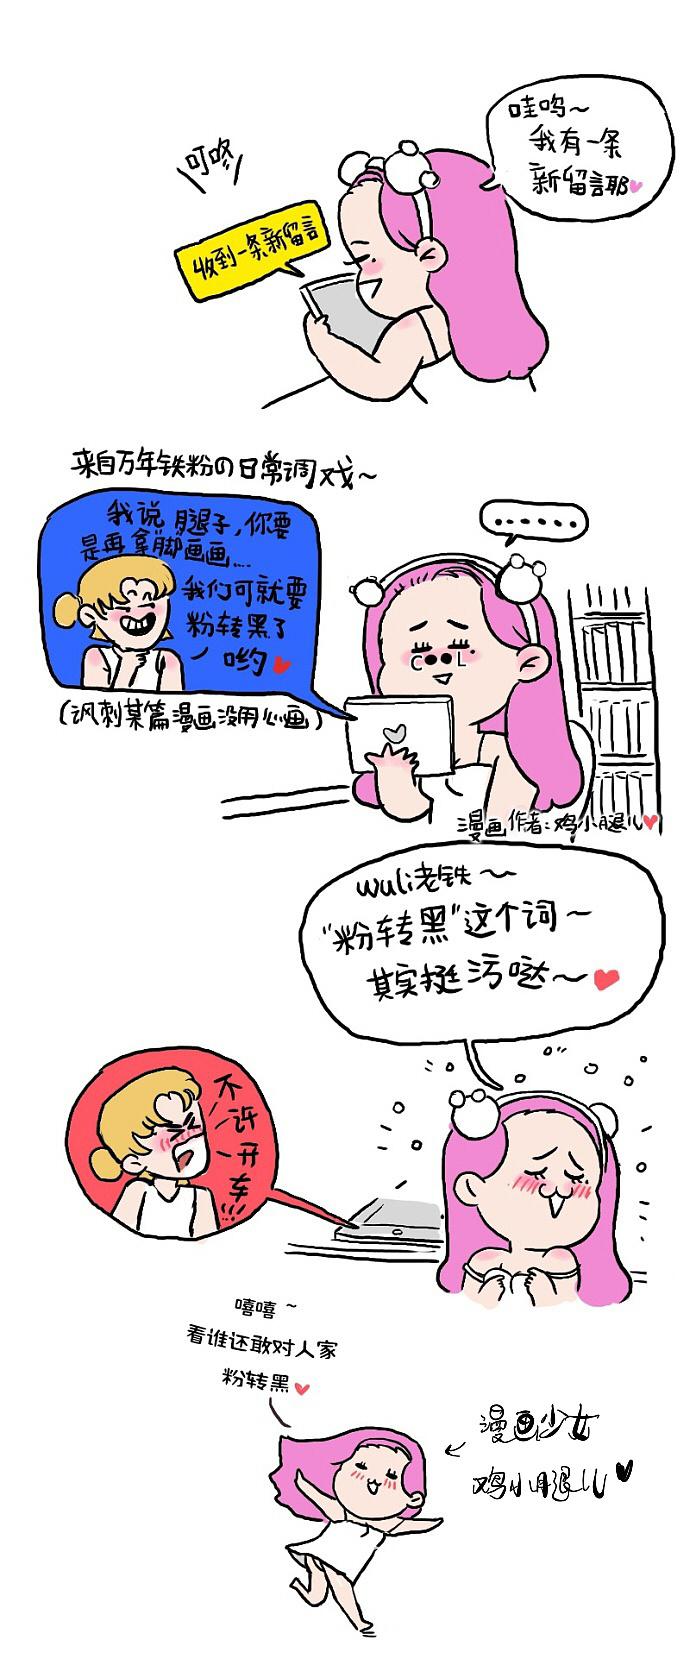 鸡小腿_巨污撩汉内涵漫画 合集|动漫|短篇/四格漫画|鸡小腿儿 - 原创作品 ...